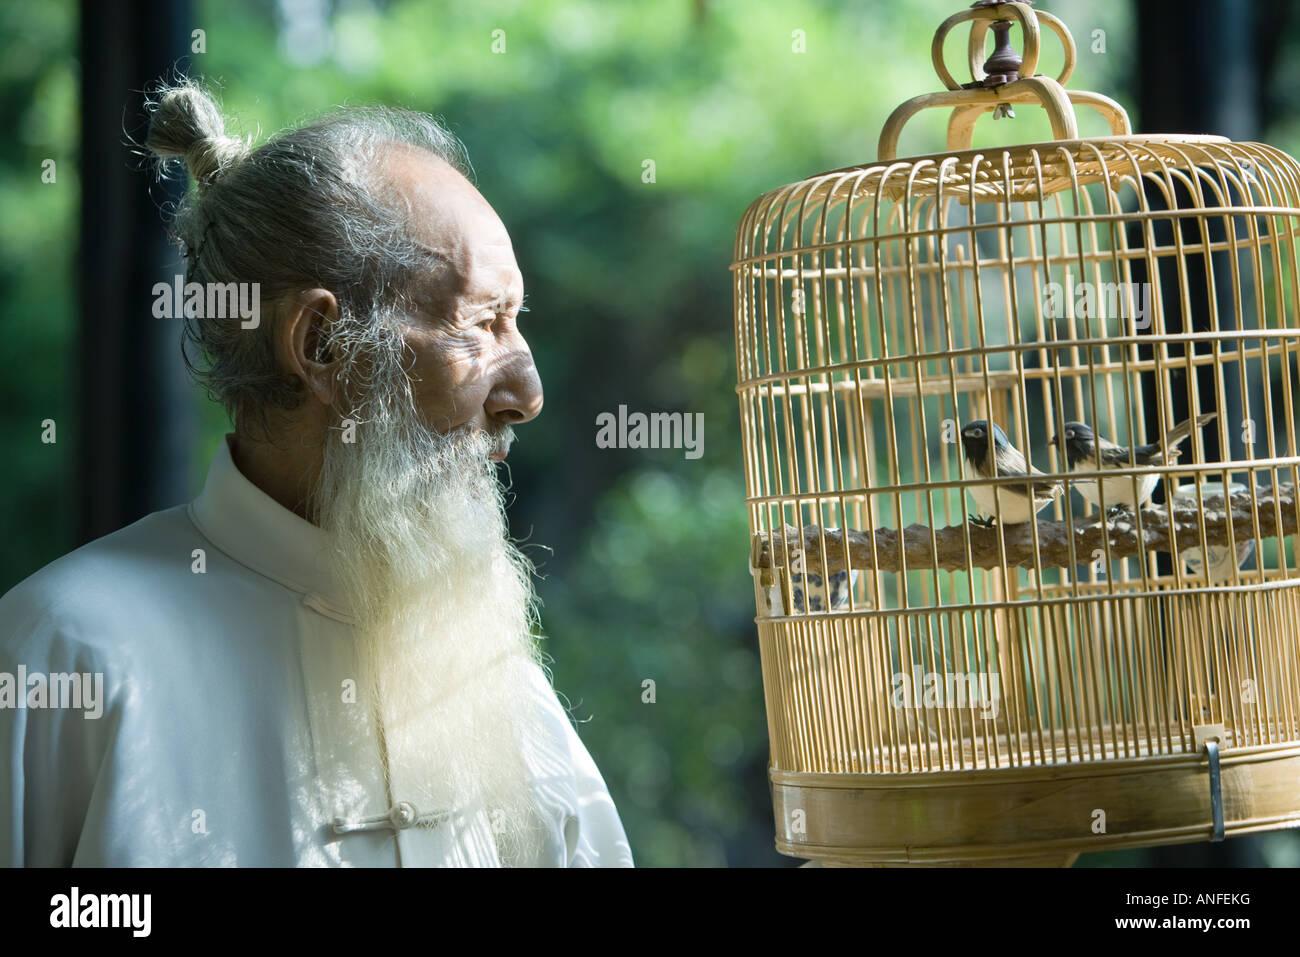 Älterer Mann tragen traditionellen chinesischen Kleidung, Blick auf Vögel im Käfig Stockbild